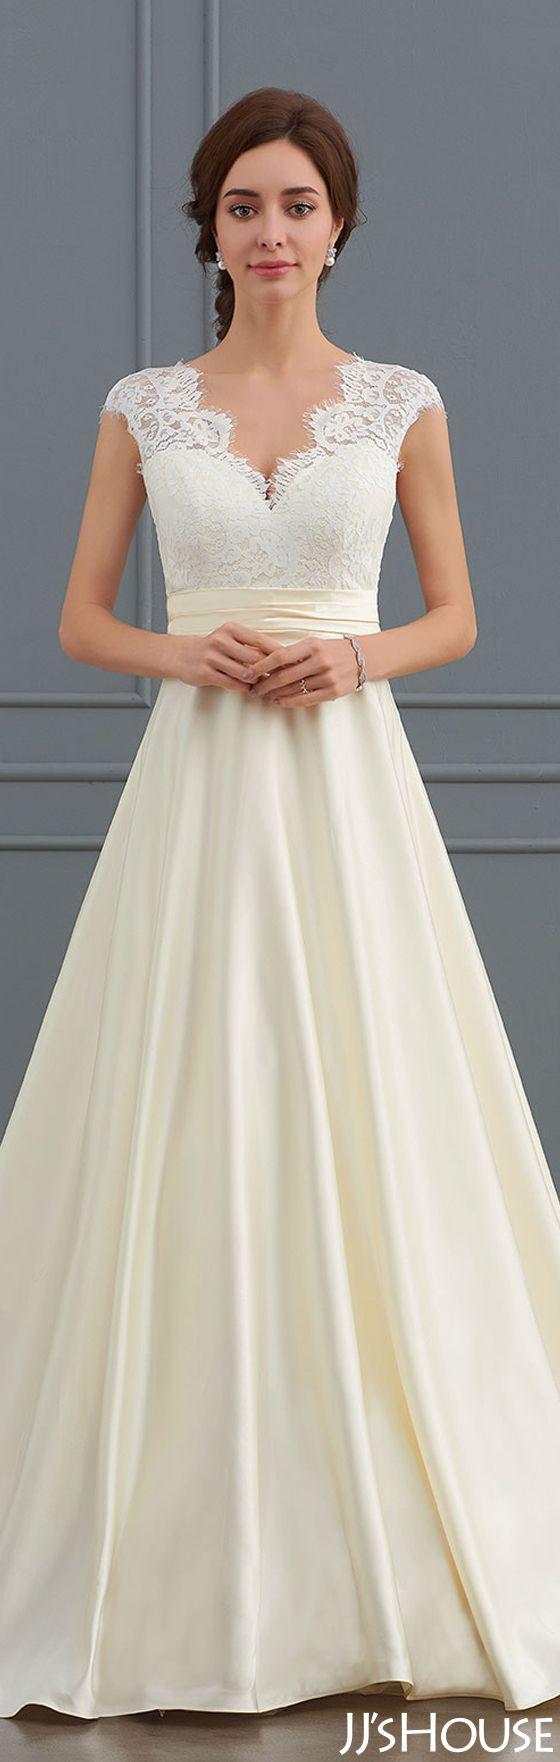 Amazing Wedding Dress #JJsHouse#Wedding